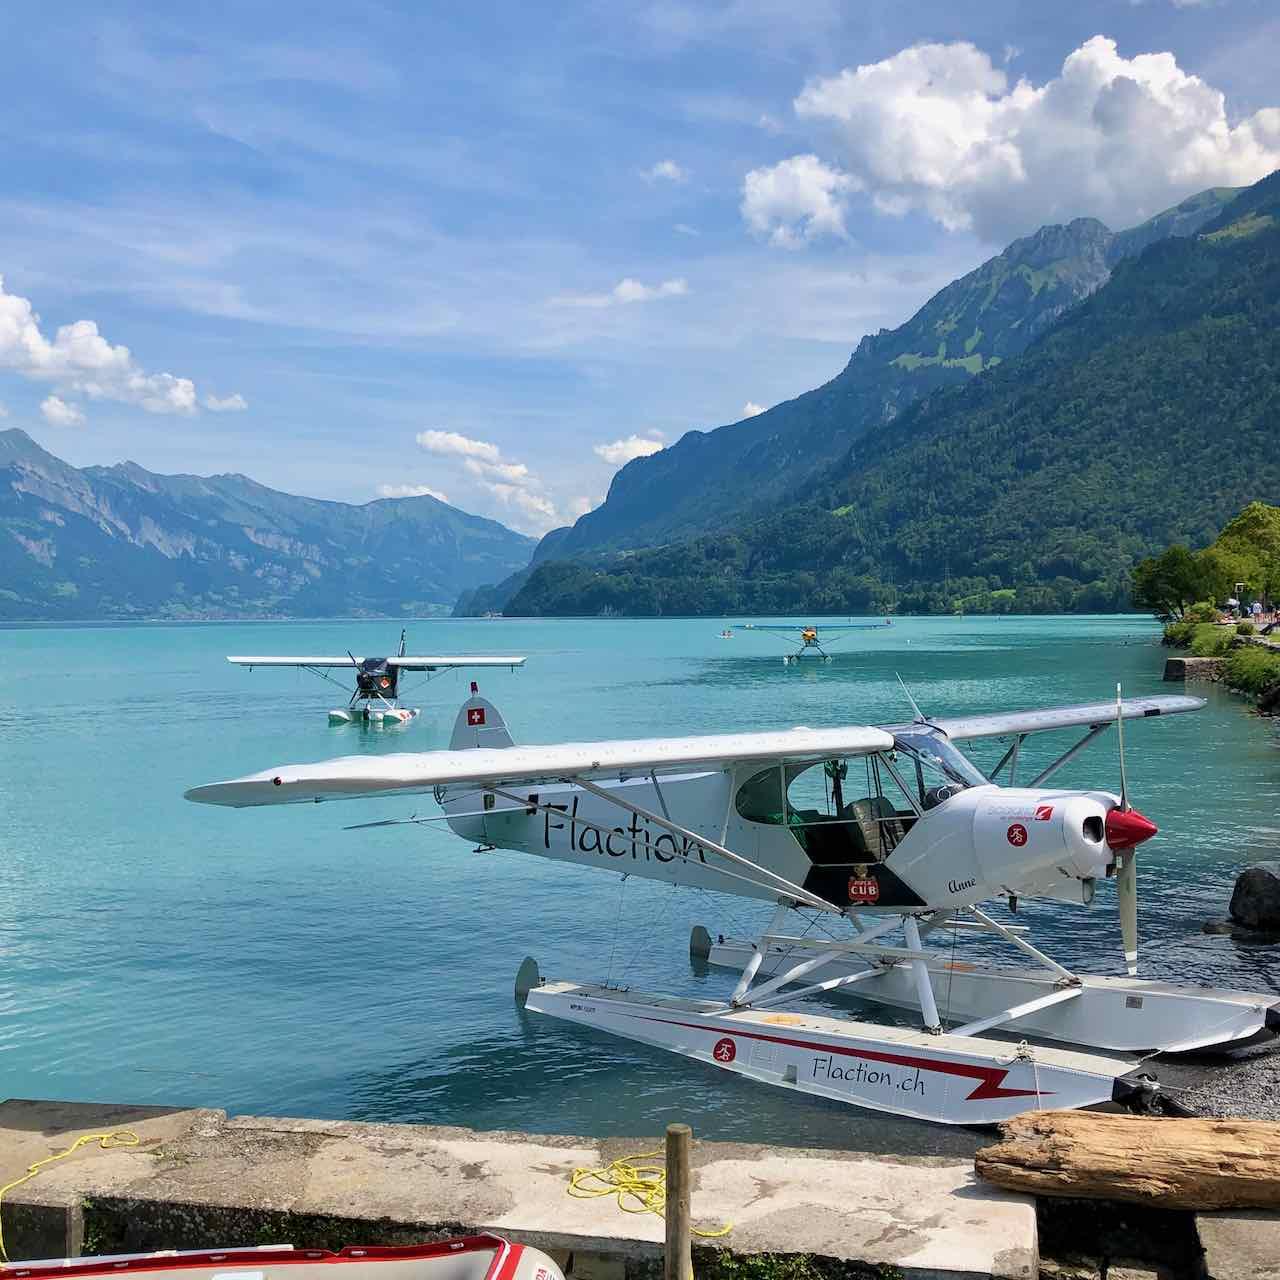 Wasserflugzeuge 2020 - 12 von 15.jpeg